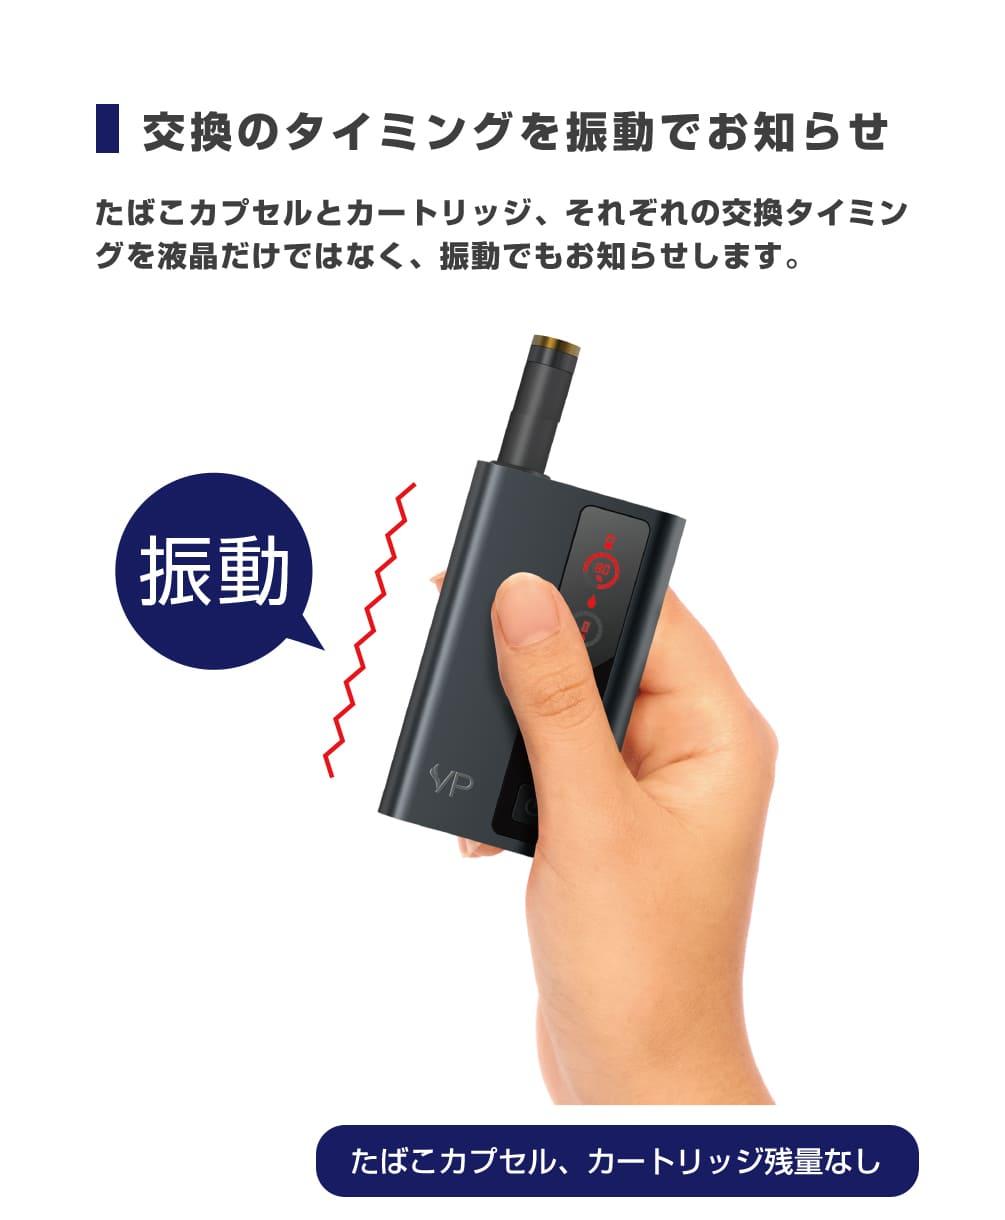 交換のタイミングを振動でお知らせ たばこカプセル